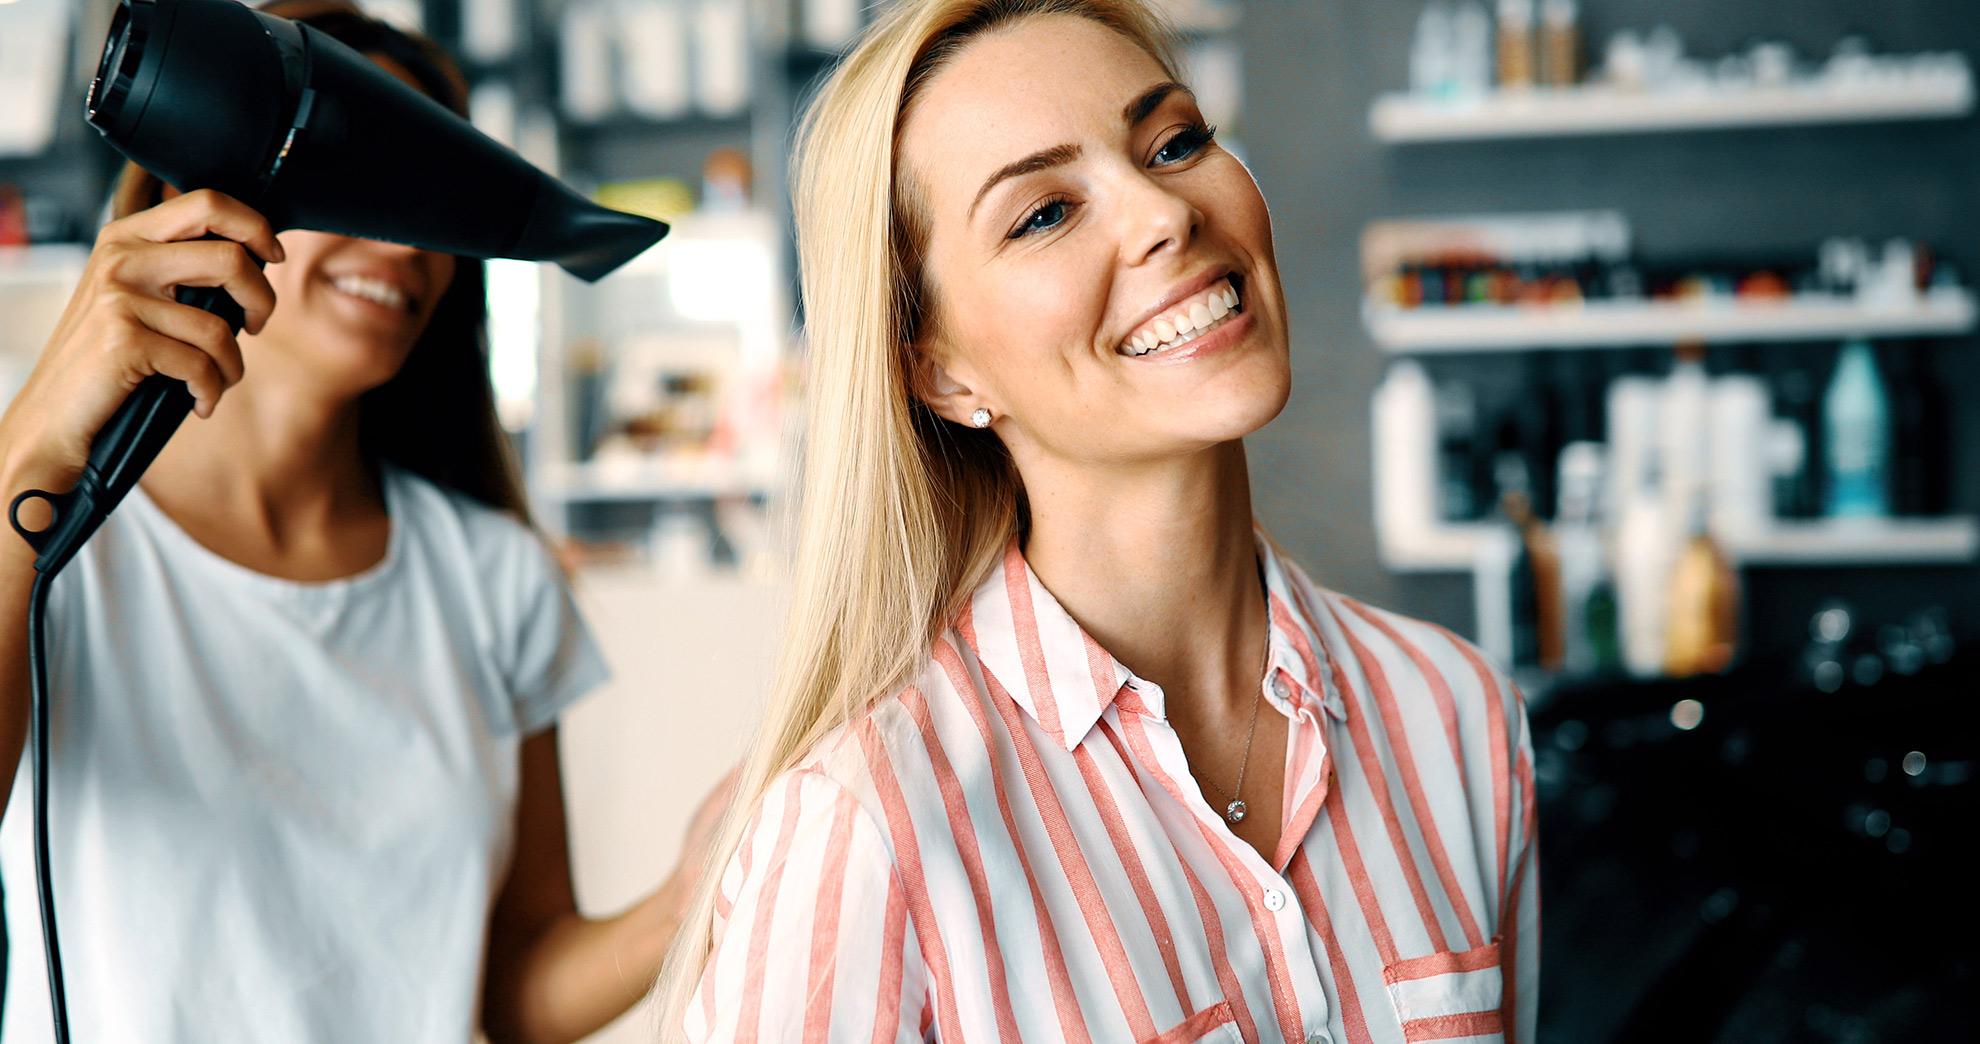 Kobieta u fryzjerki ,ilustracja do artykułu o keratynowym prostowaniu włosów